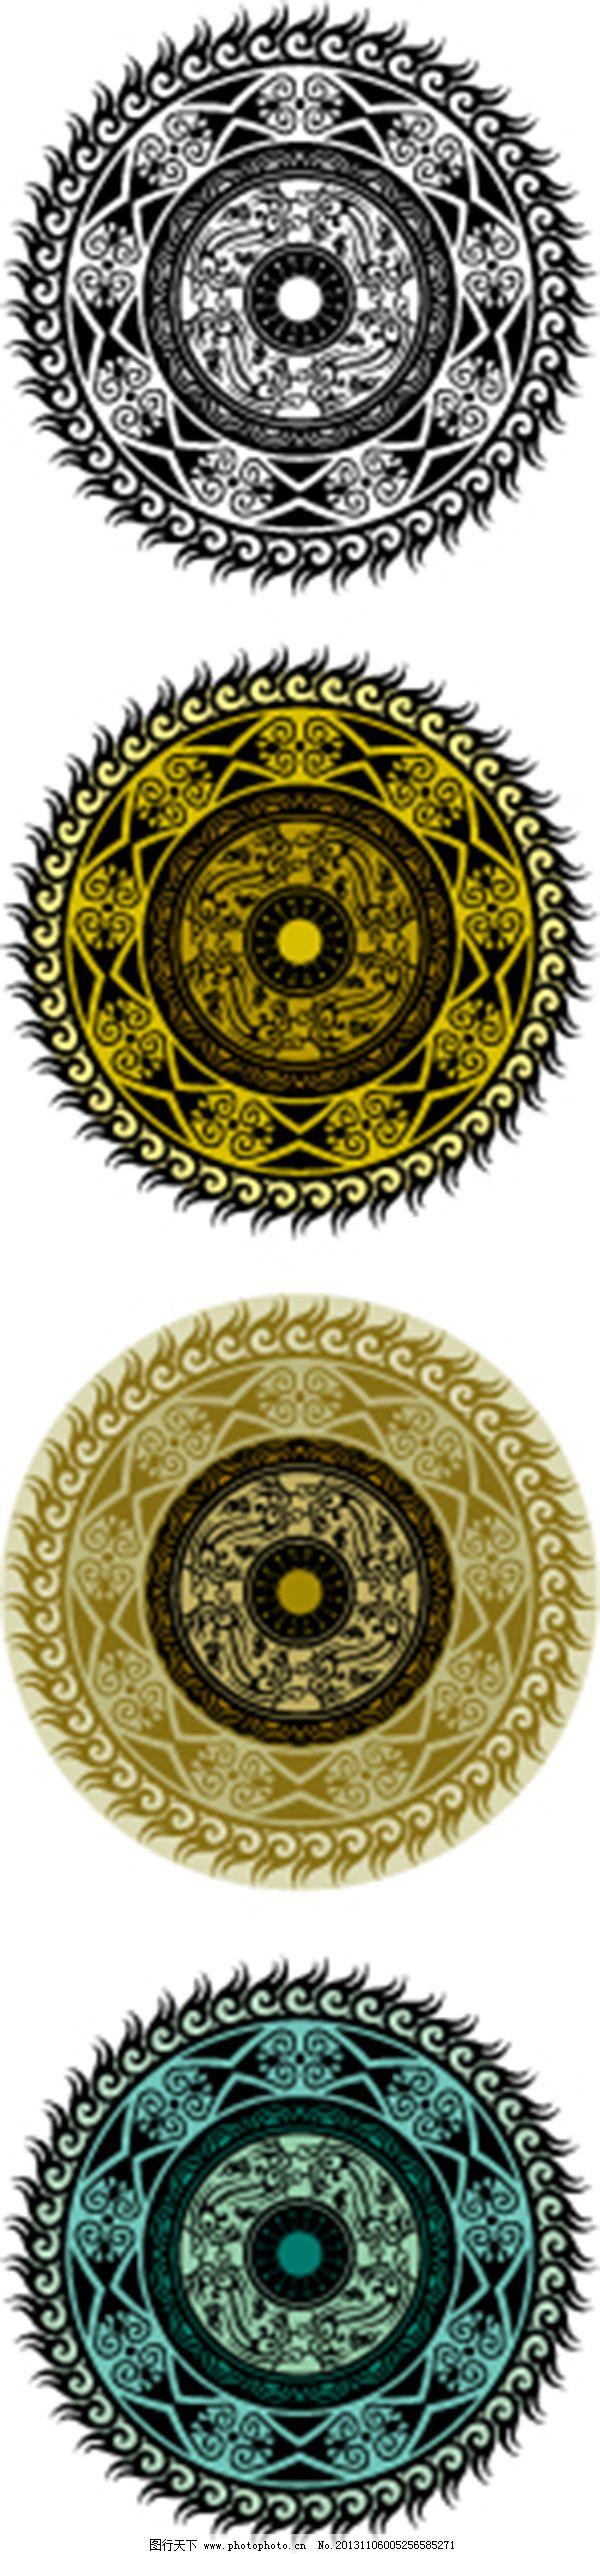 古典瓦当各类图 古典瓦当各类图免费下载 古代图腾 圆形图案 矢量图